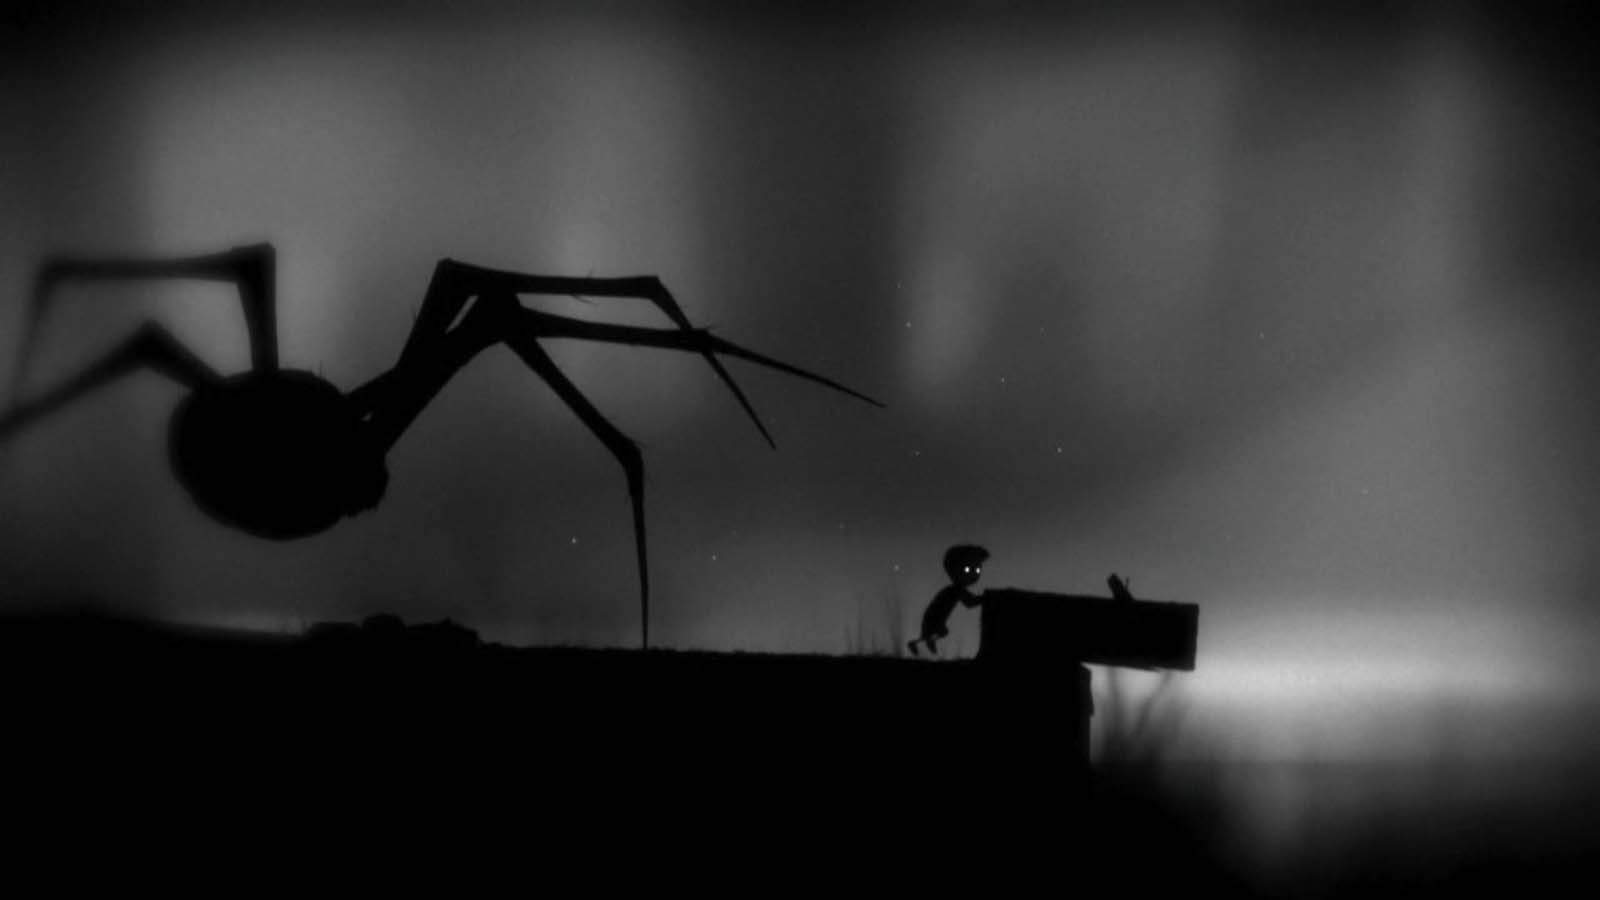 تحميل لعبة Limbo مضغوطة برابط واحد مباشر كاملة مجانا